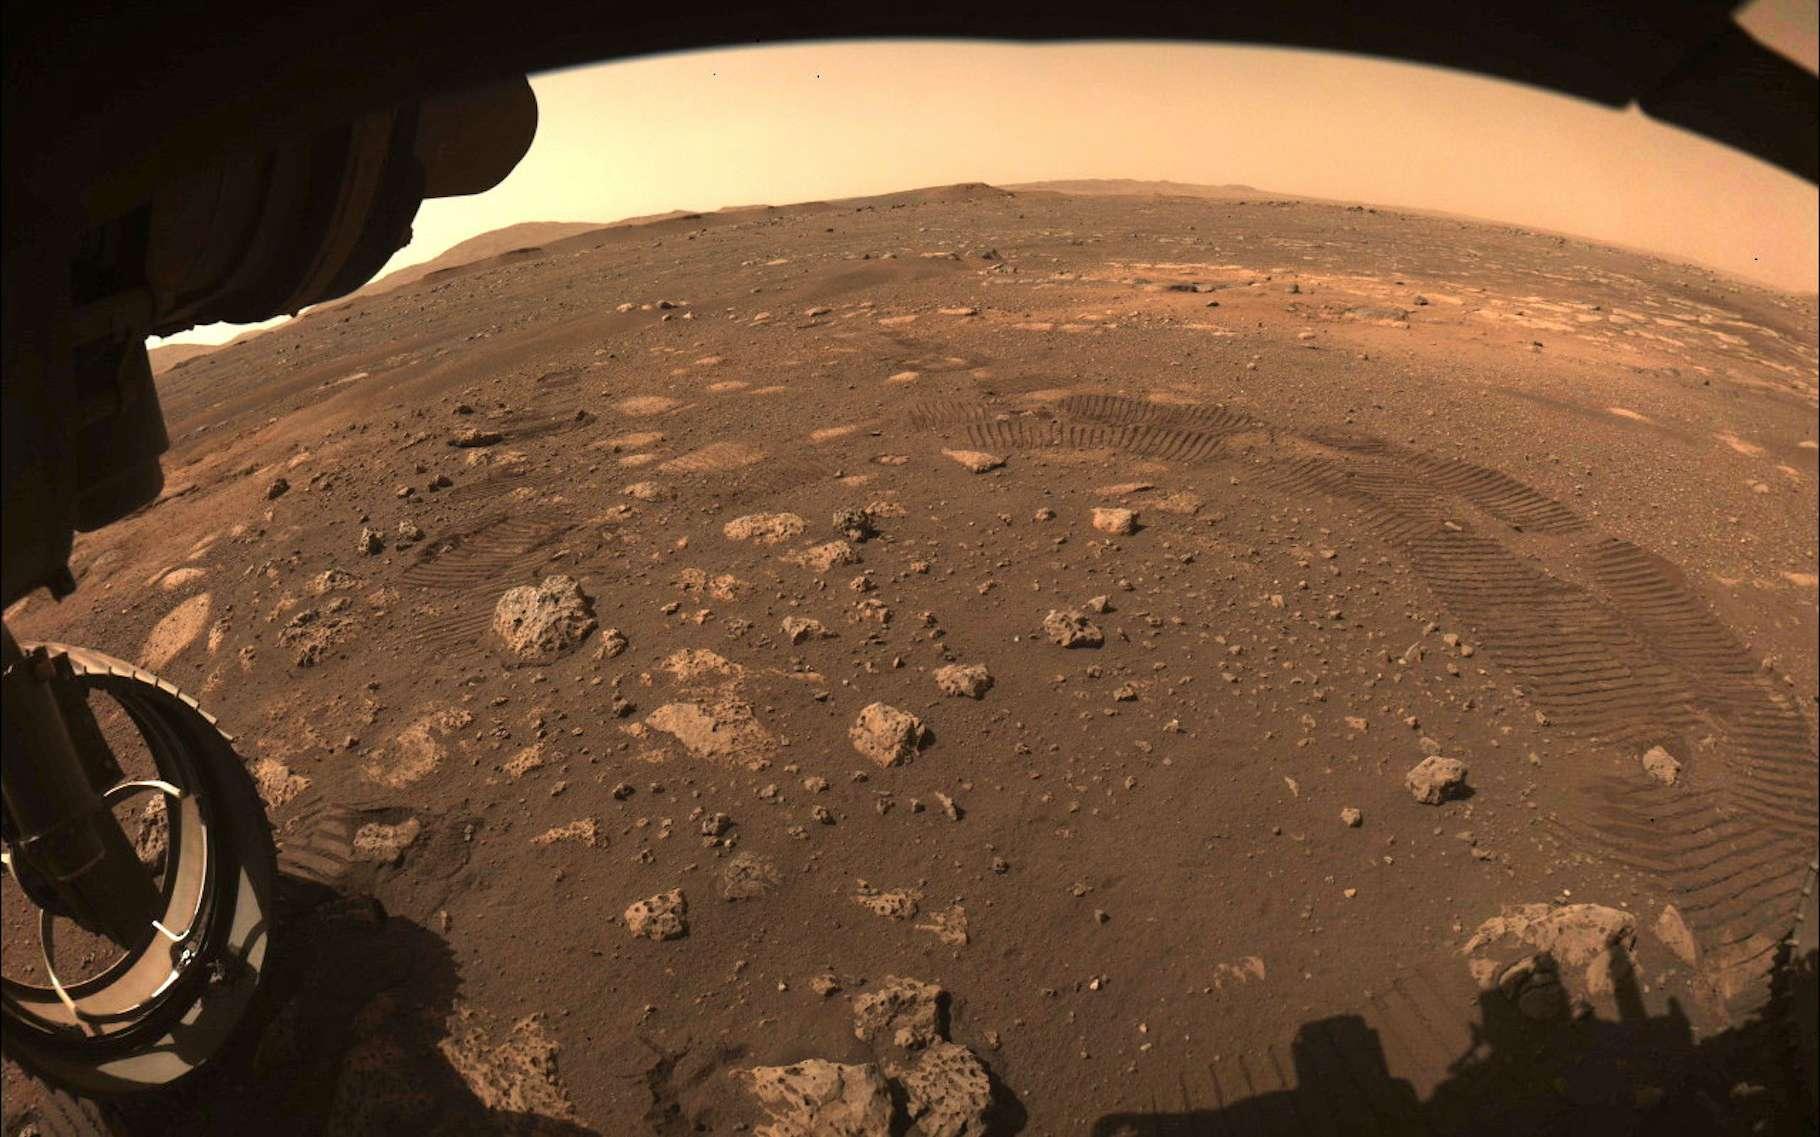 L'une des caméras de Perseverance a capturé cette image alors que le rover de la Nasa effectuait son premier trajet sur Mars, ce jeudi 4 mars 2021. © JPL-Caltech, Nasa